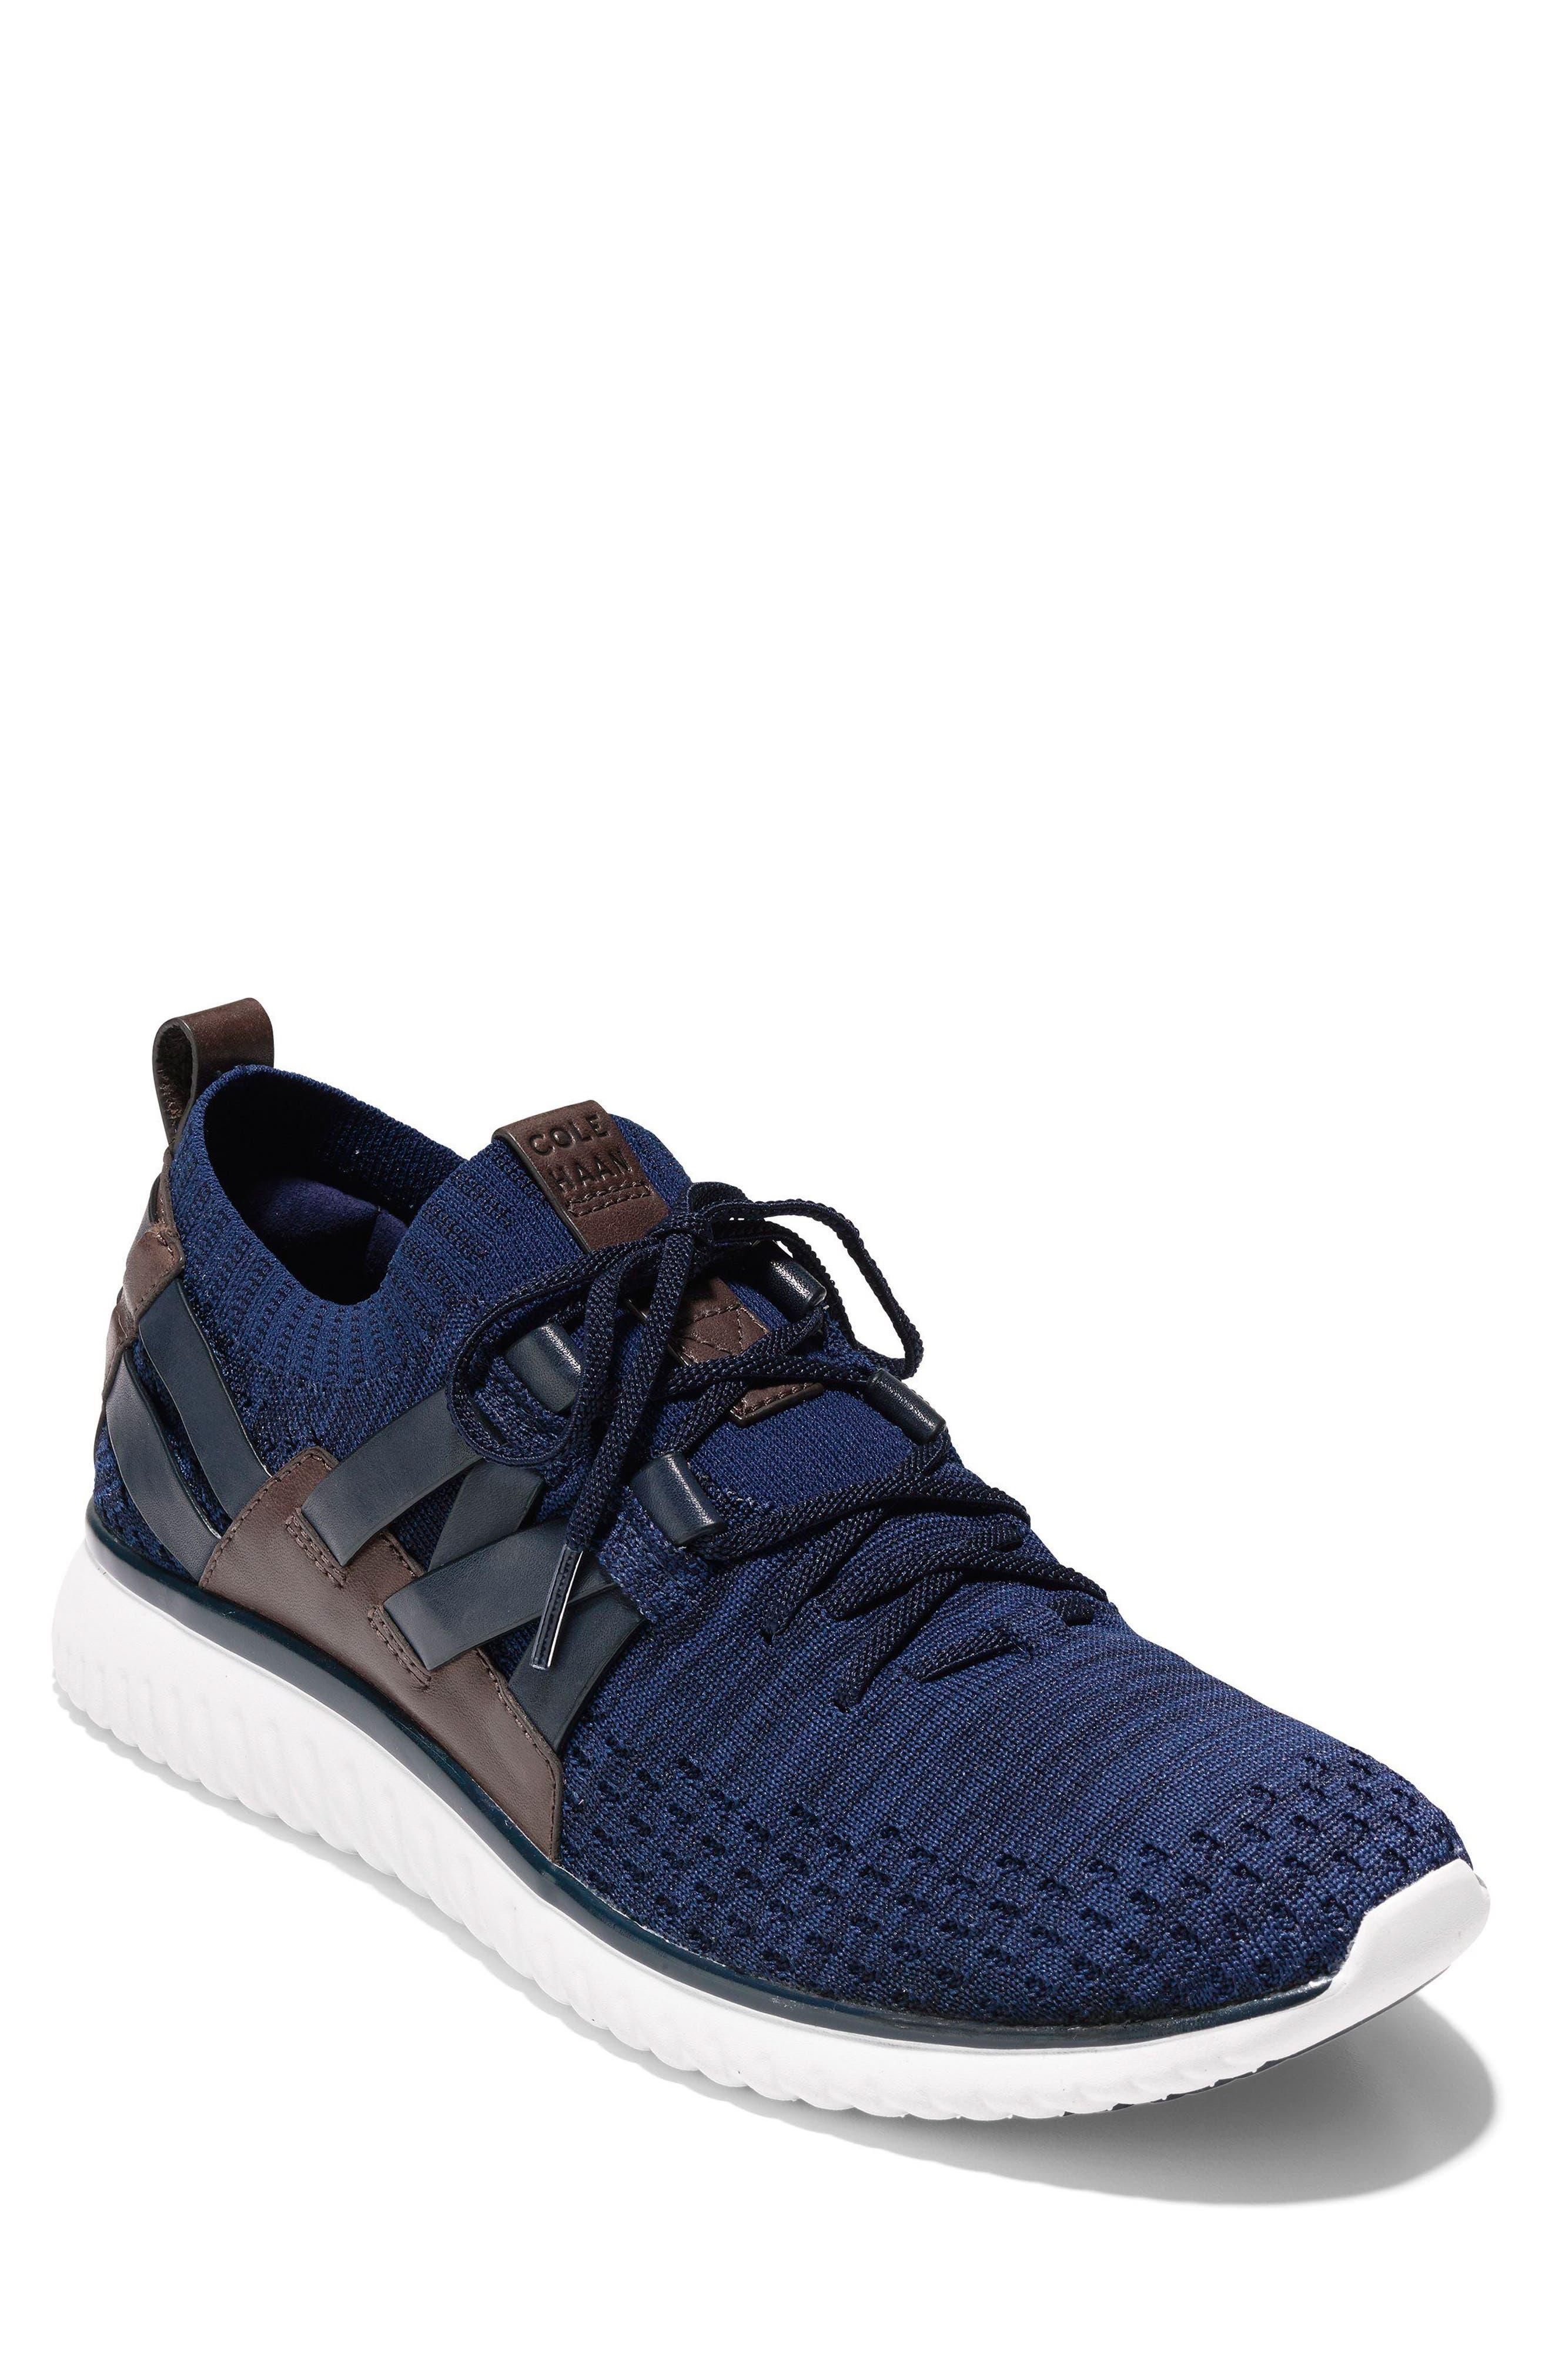 Grand Motion Sneaker